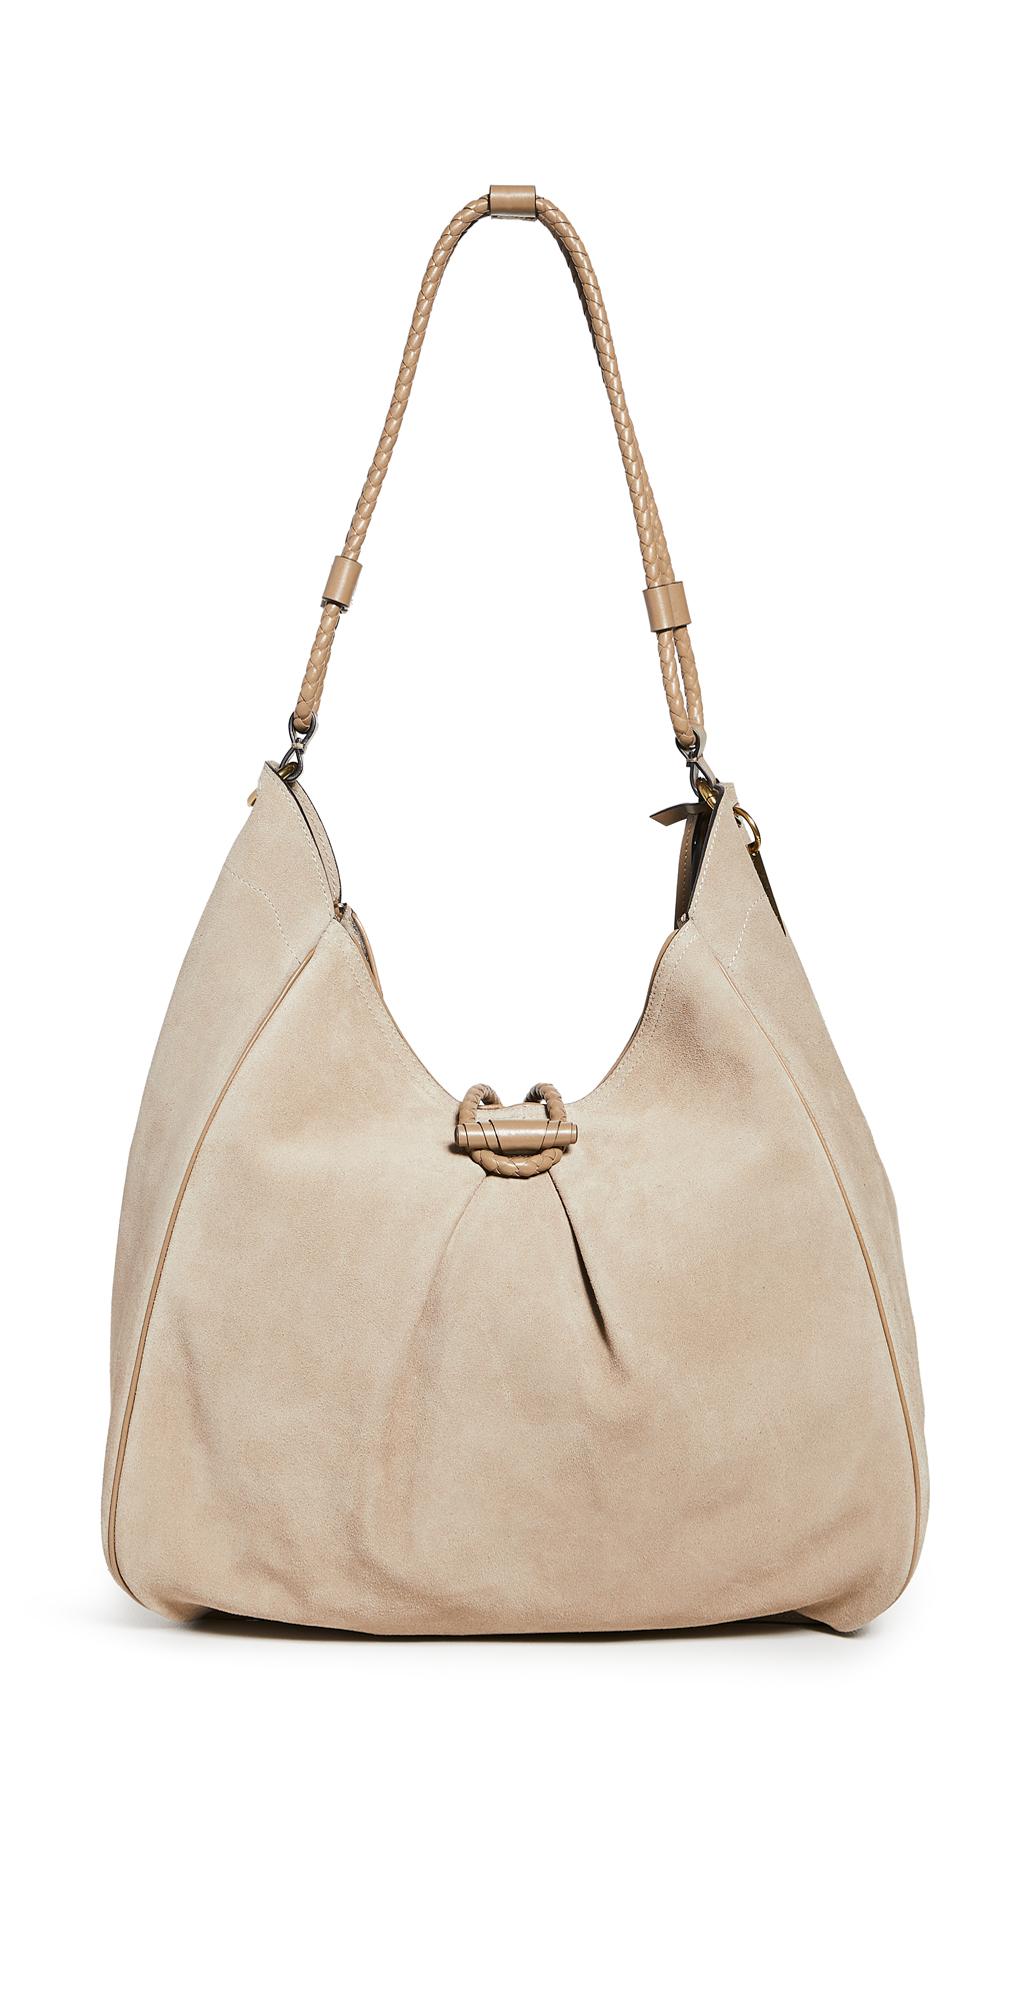 Isabel Marant Soyat Bag